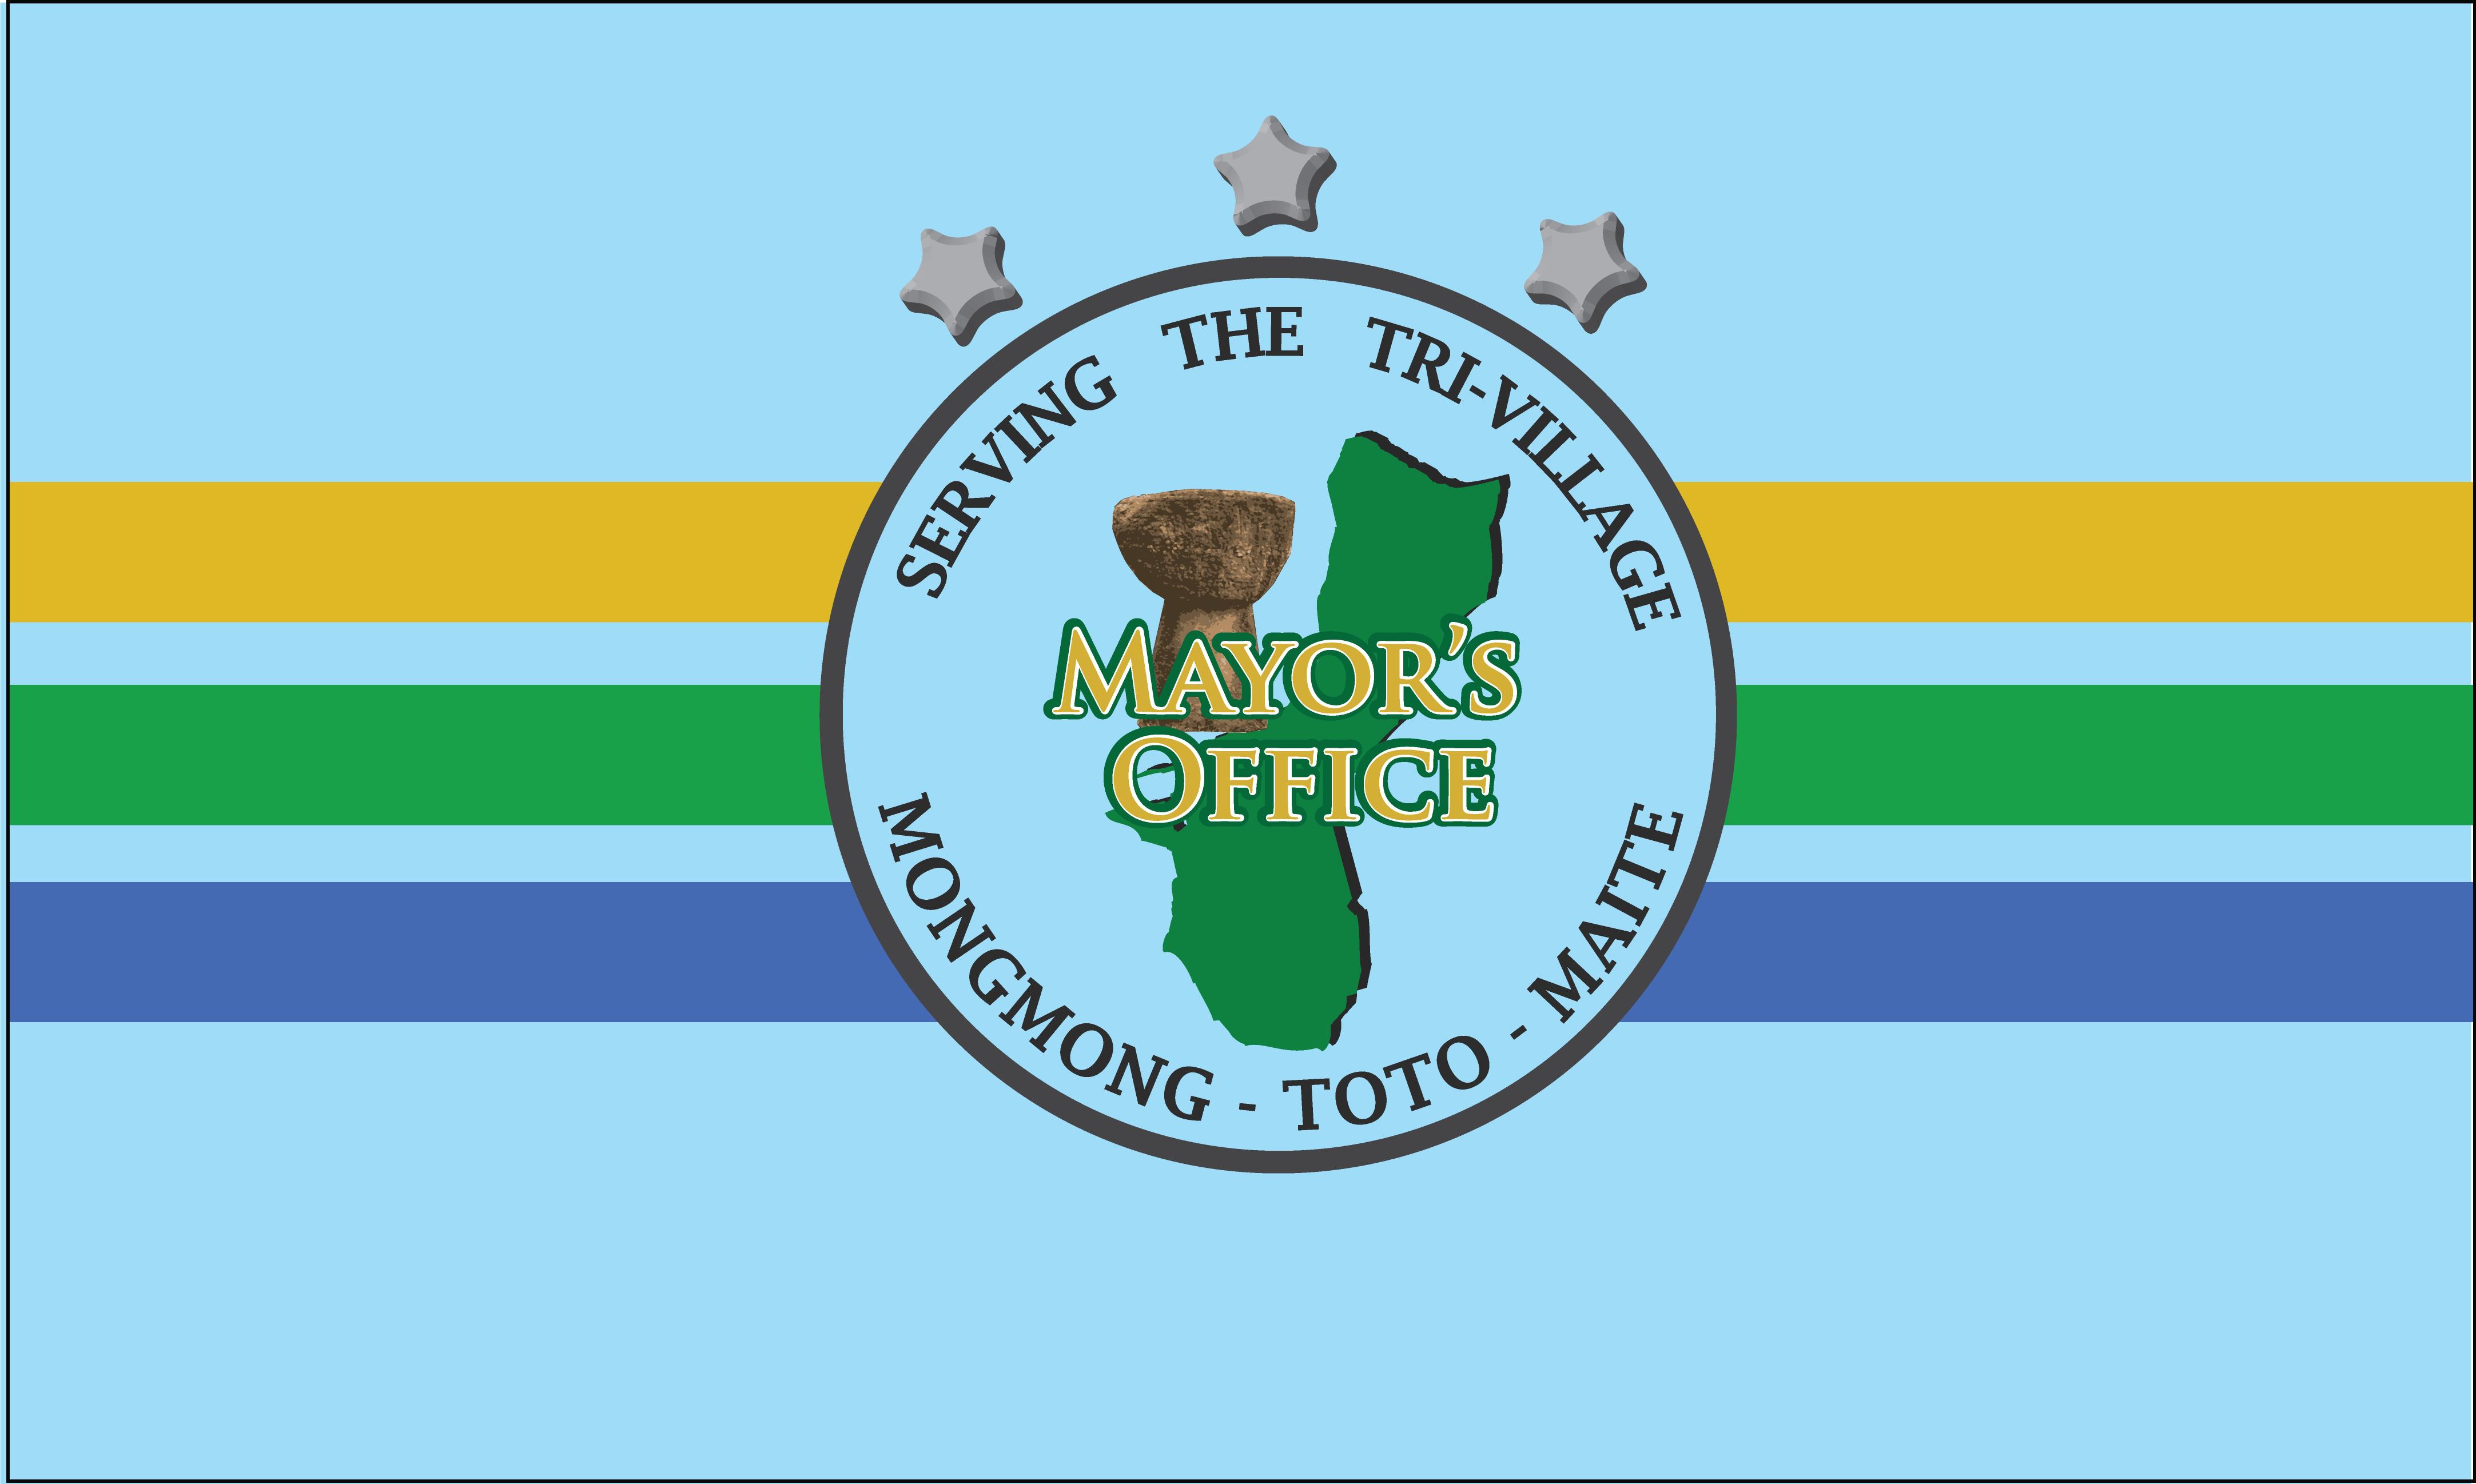 Flagge: Mongmong-Toto-Maite/ Mongmong-To'to'-Maite bzw. Mongmong-Toto-Maite (inoffiziell)